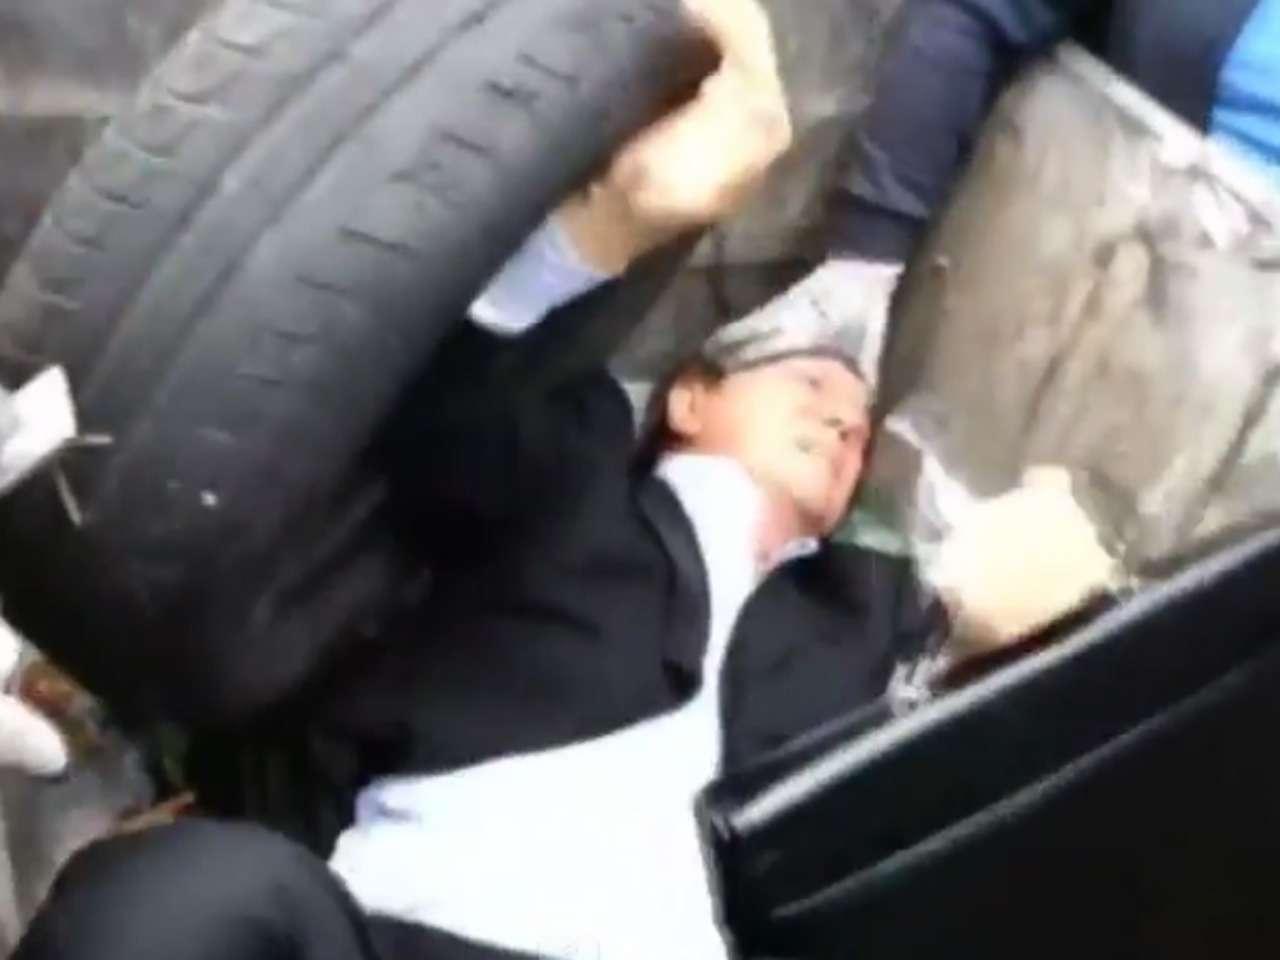 El diputado fue sacudido dentro del basurero por los manifestantes Foto: YouTube